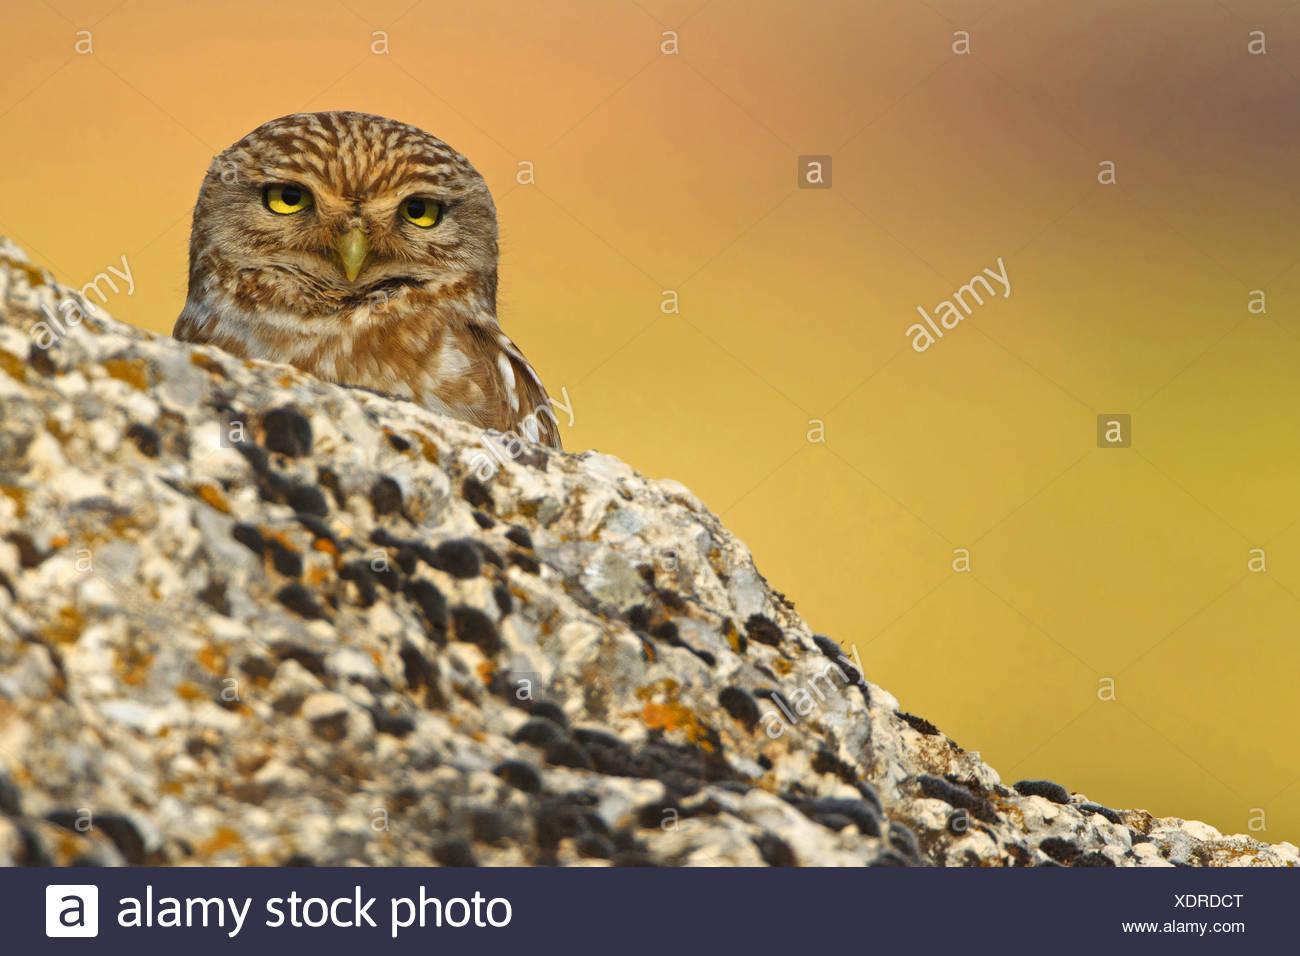 Pequeño búho (Athene noctua), asomándose desde detrás de una roca, Turquía, Sanliurfa Imagen De Stock